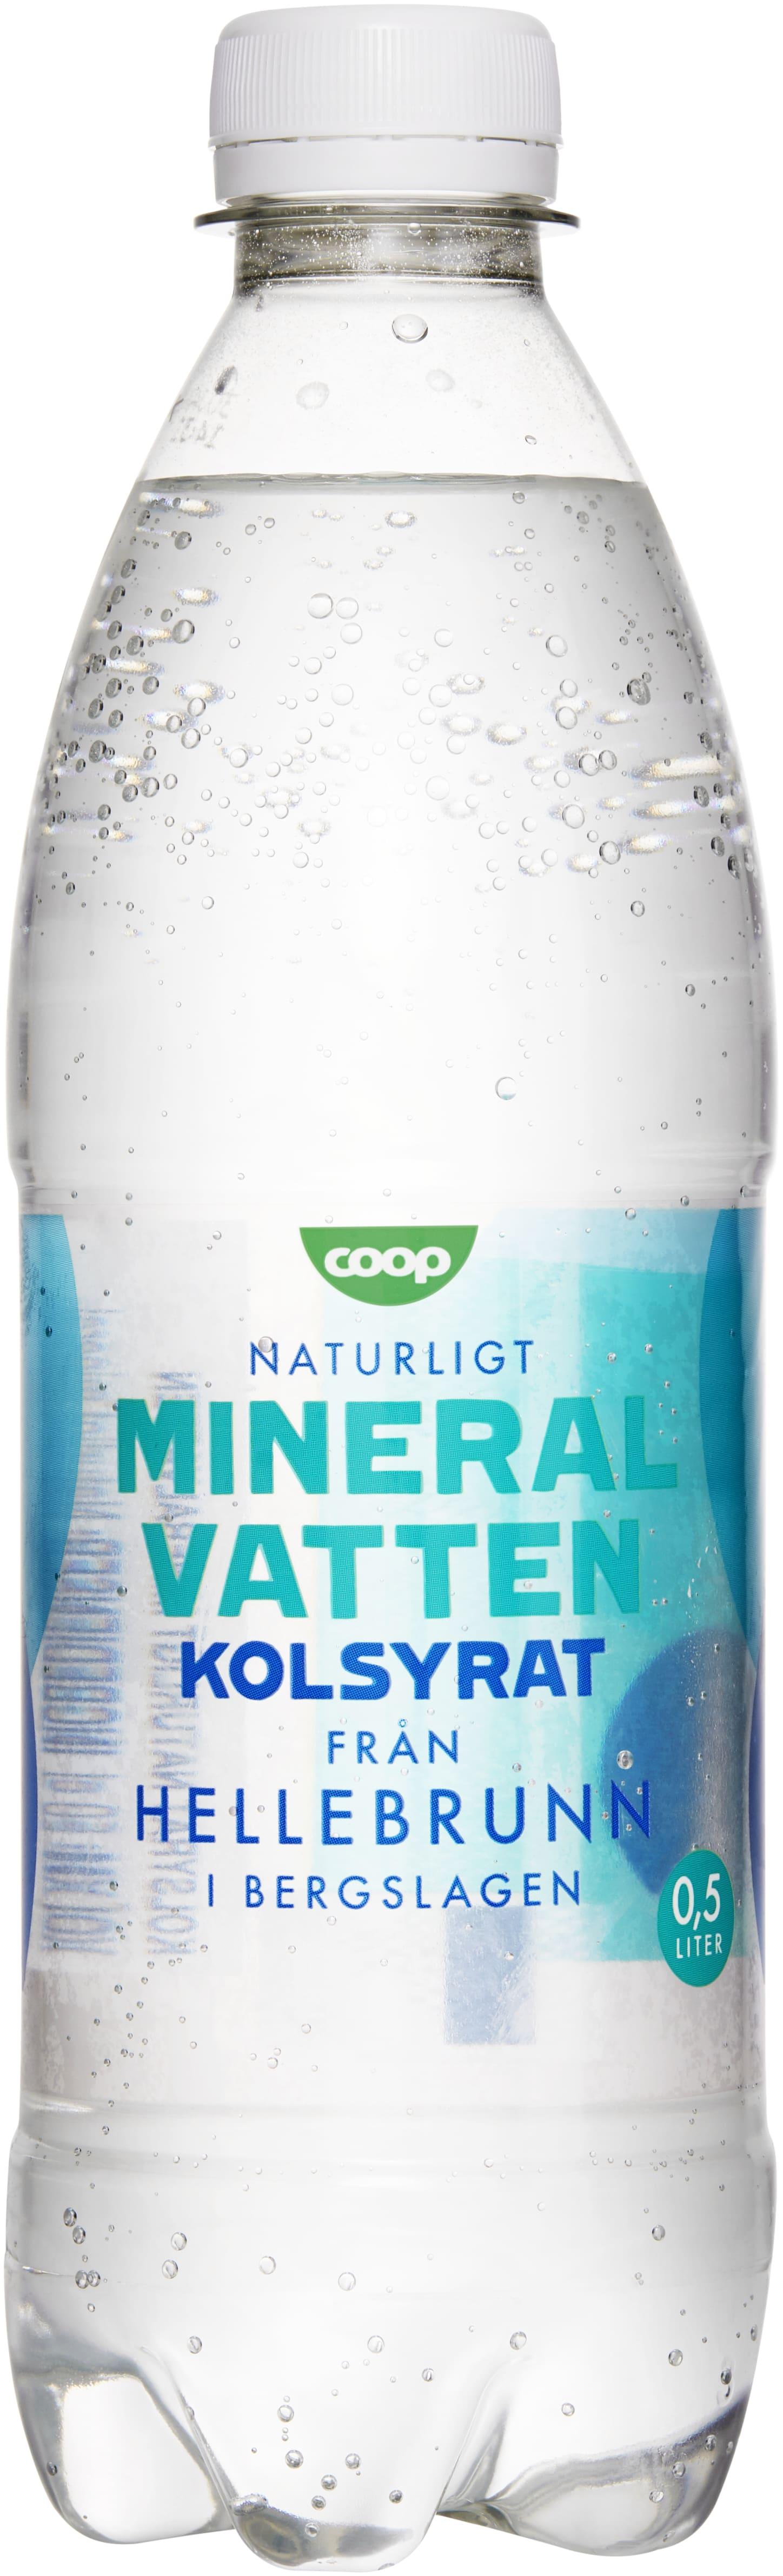 naturligt kolsyrat vatten